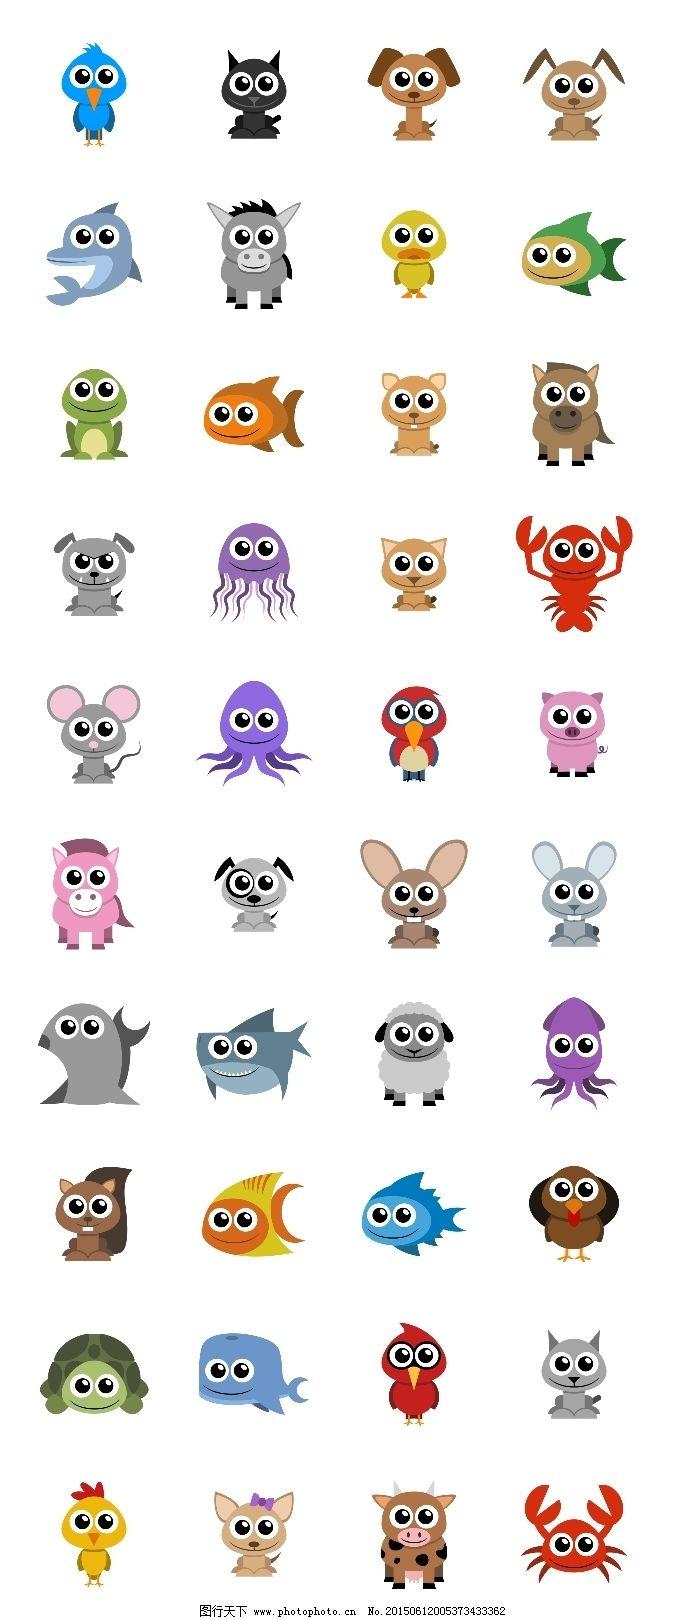 可爱小动物图标下载_广告设计